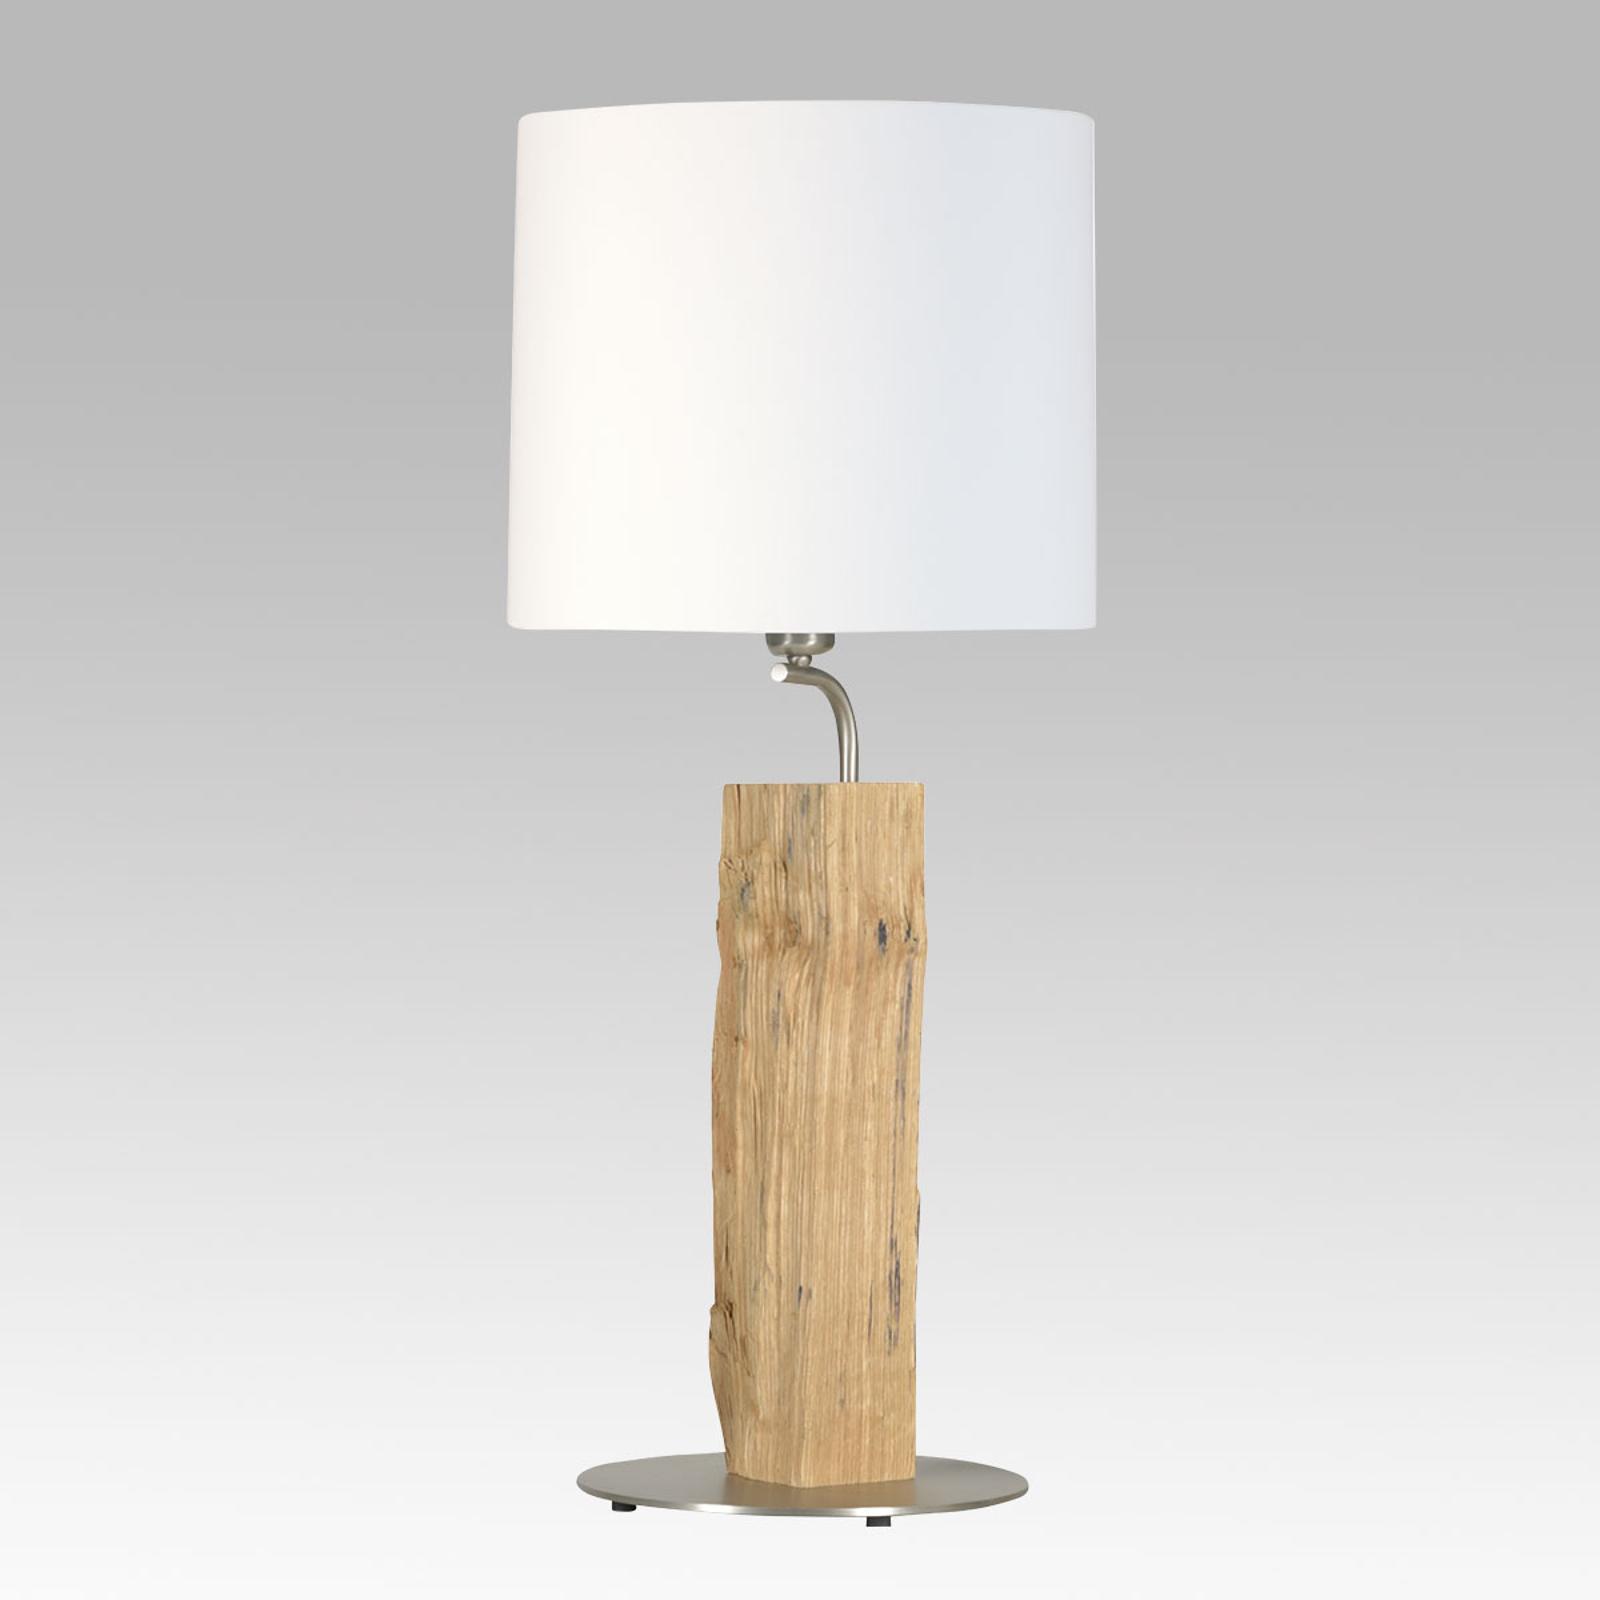 HerzBlut Neuer Kavalier bordlampe med træ, 56 cm